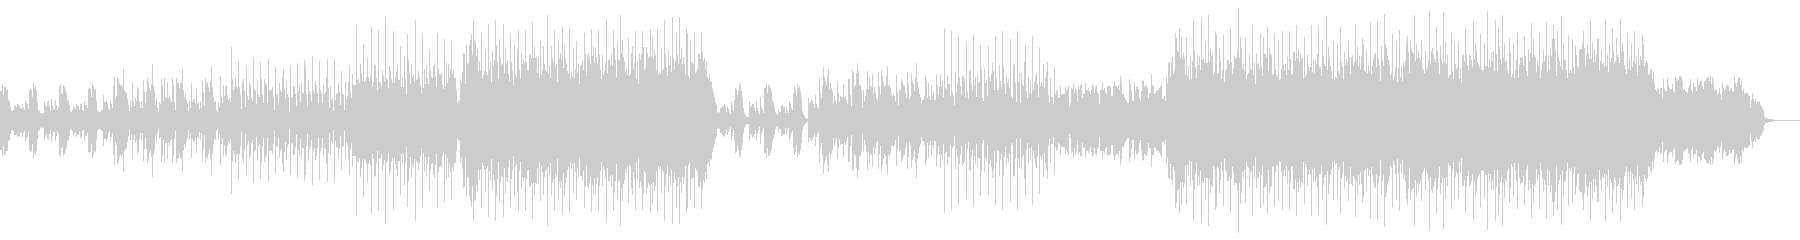 洋楽ポップス1の未再生の波形